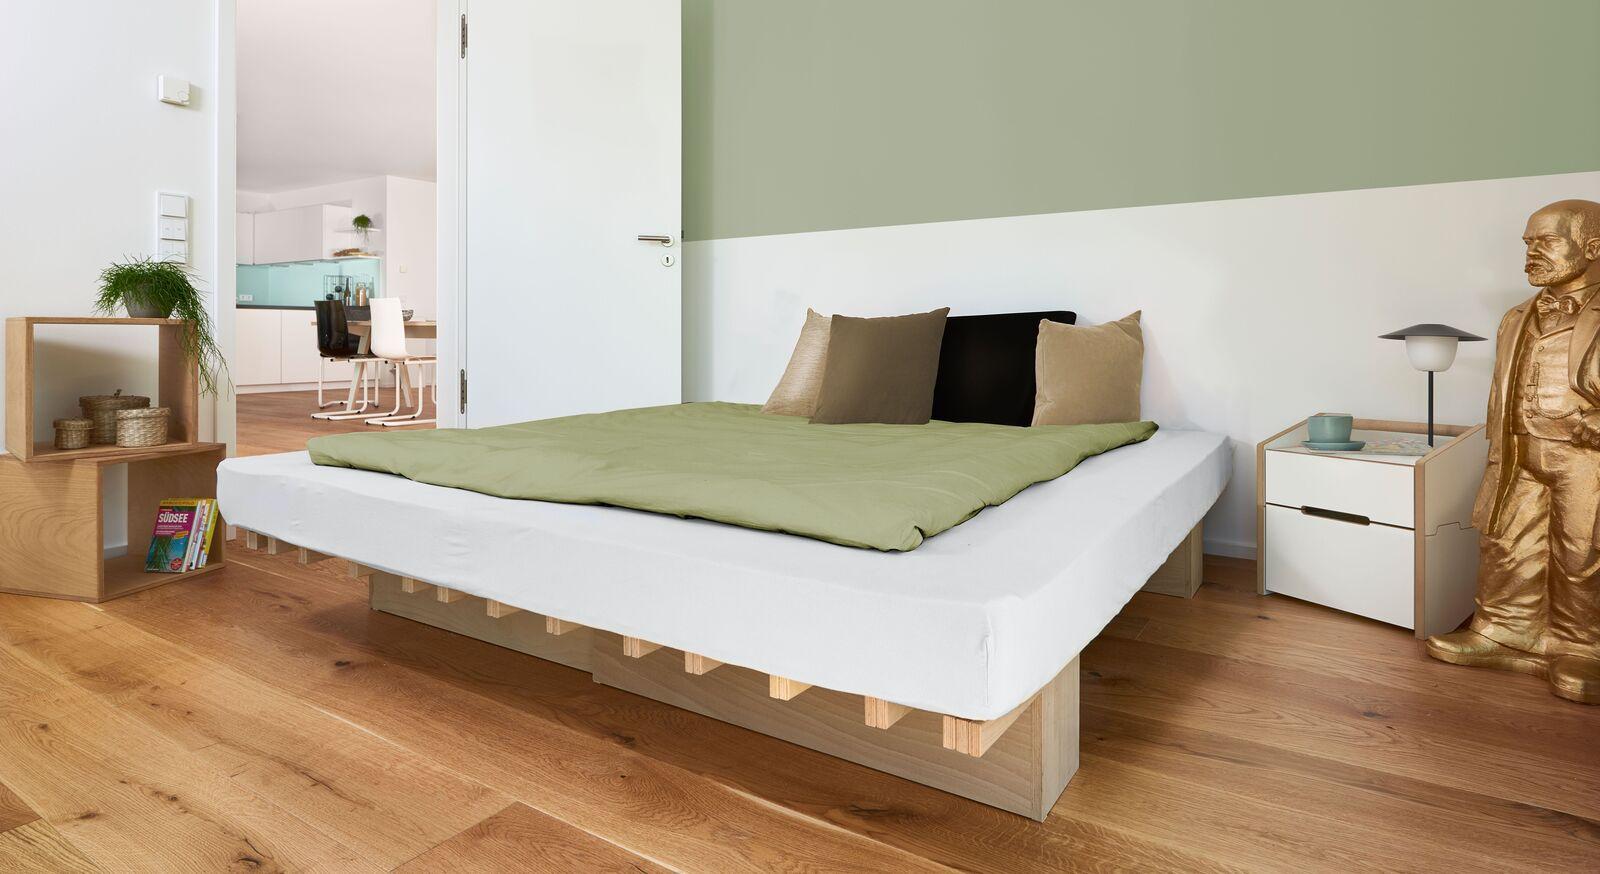 Passende Produkte zum Bettsystem Tojo V